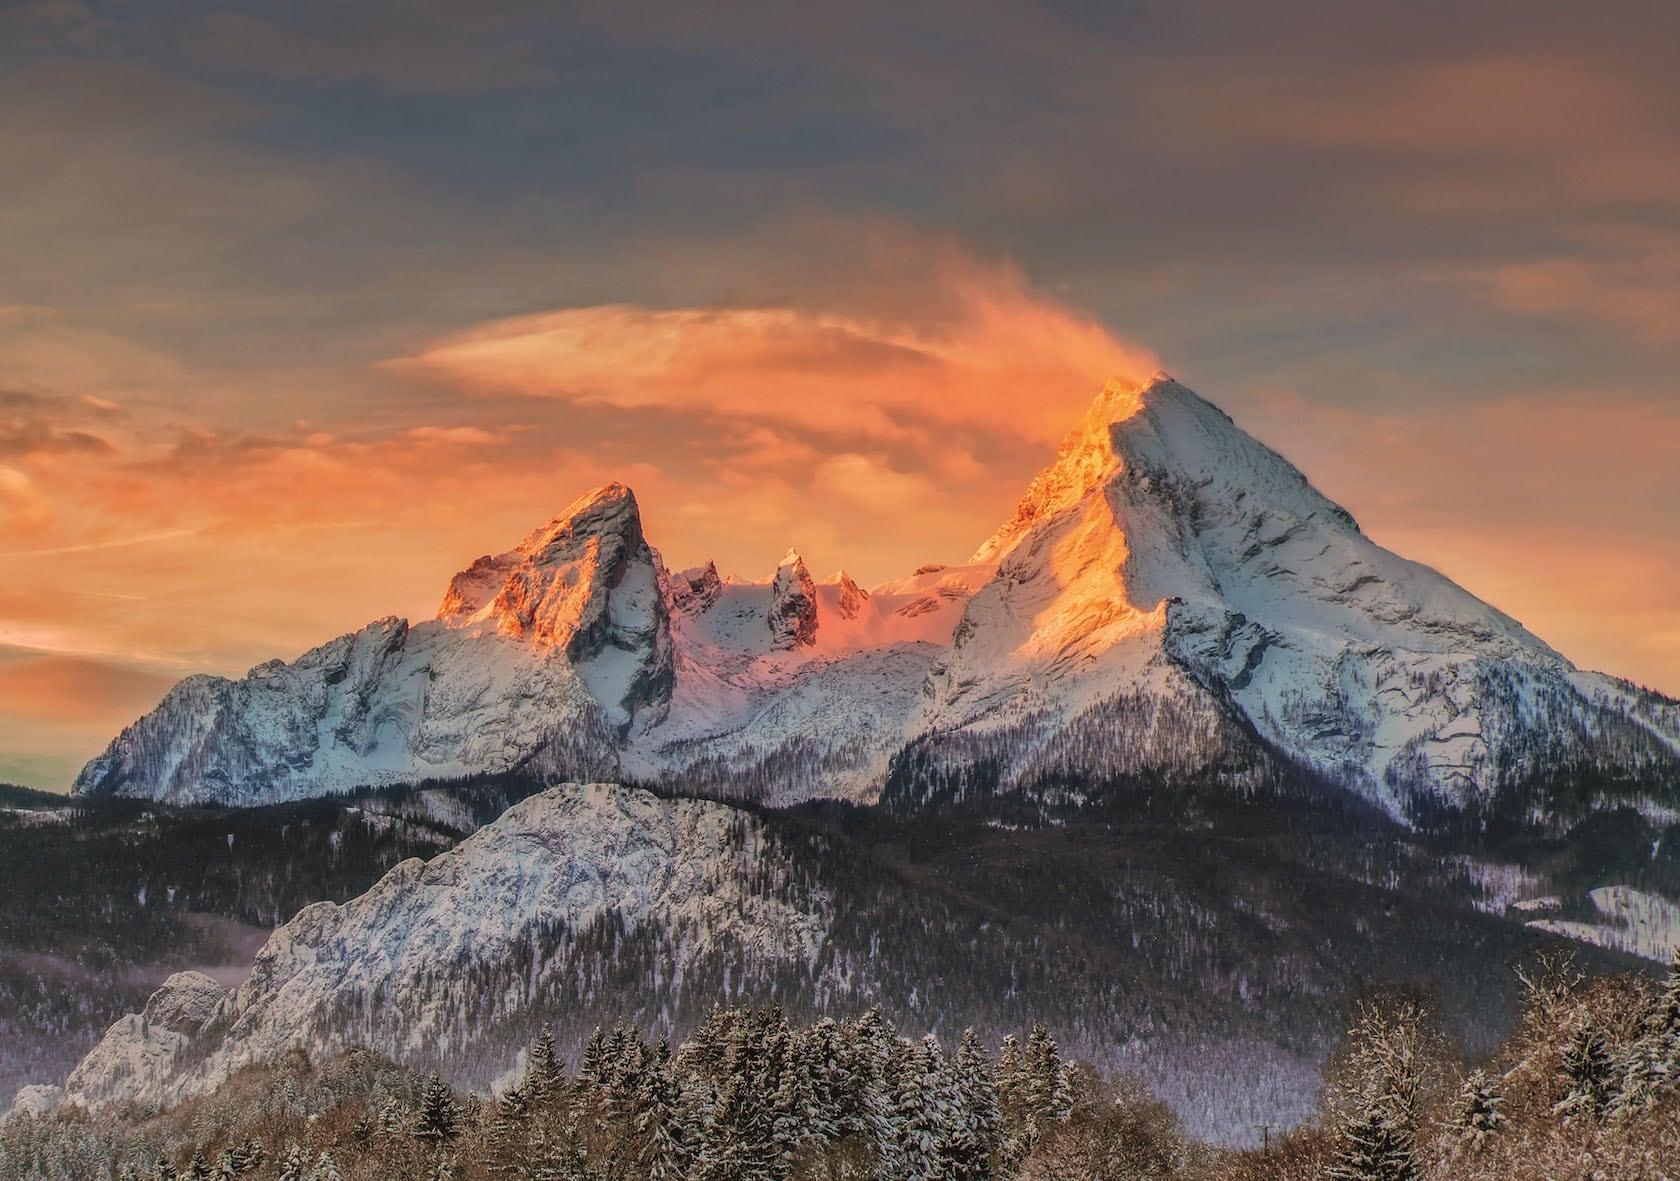 Bild eines Berges, der von der Sonne beleuchtet wird